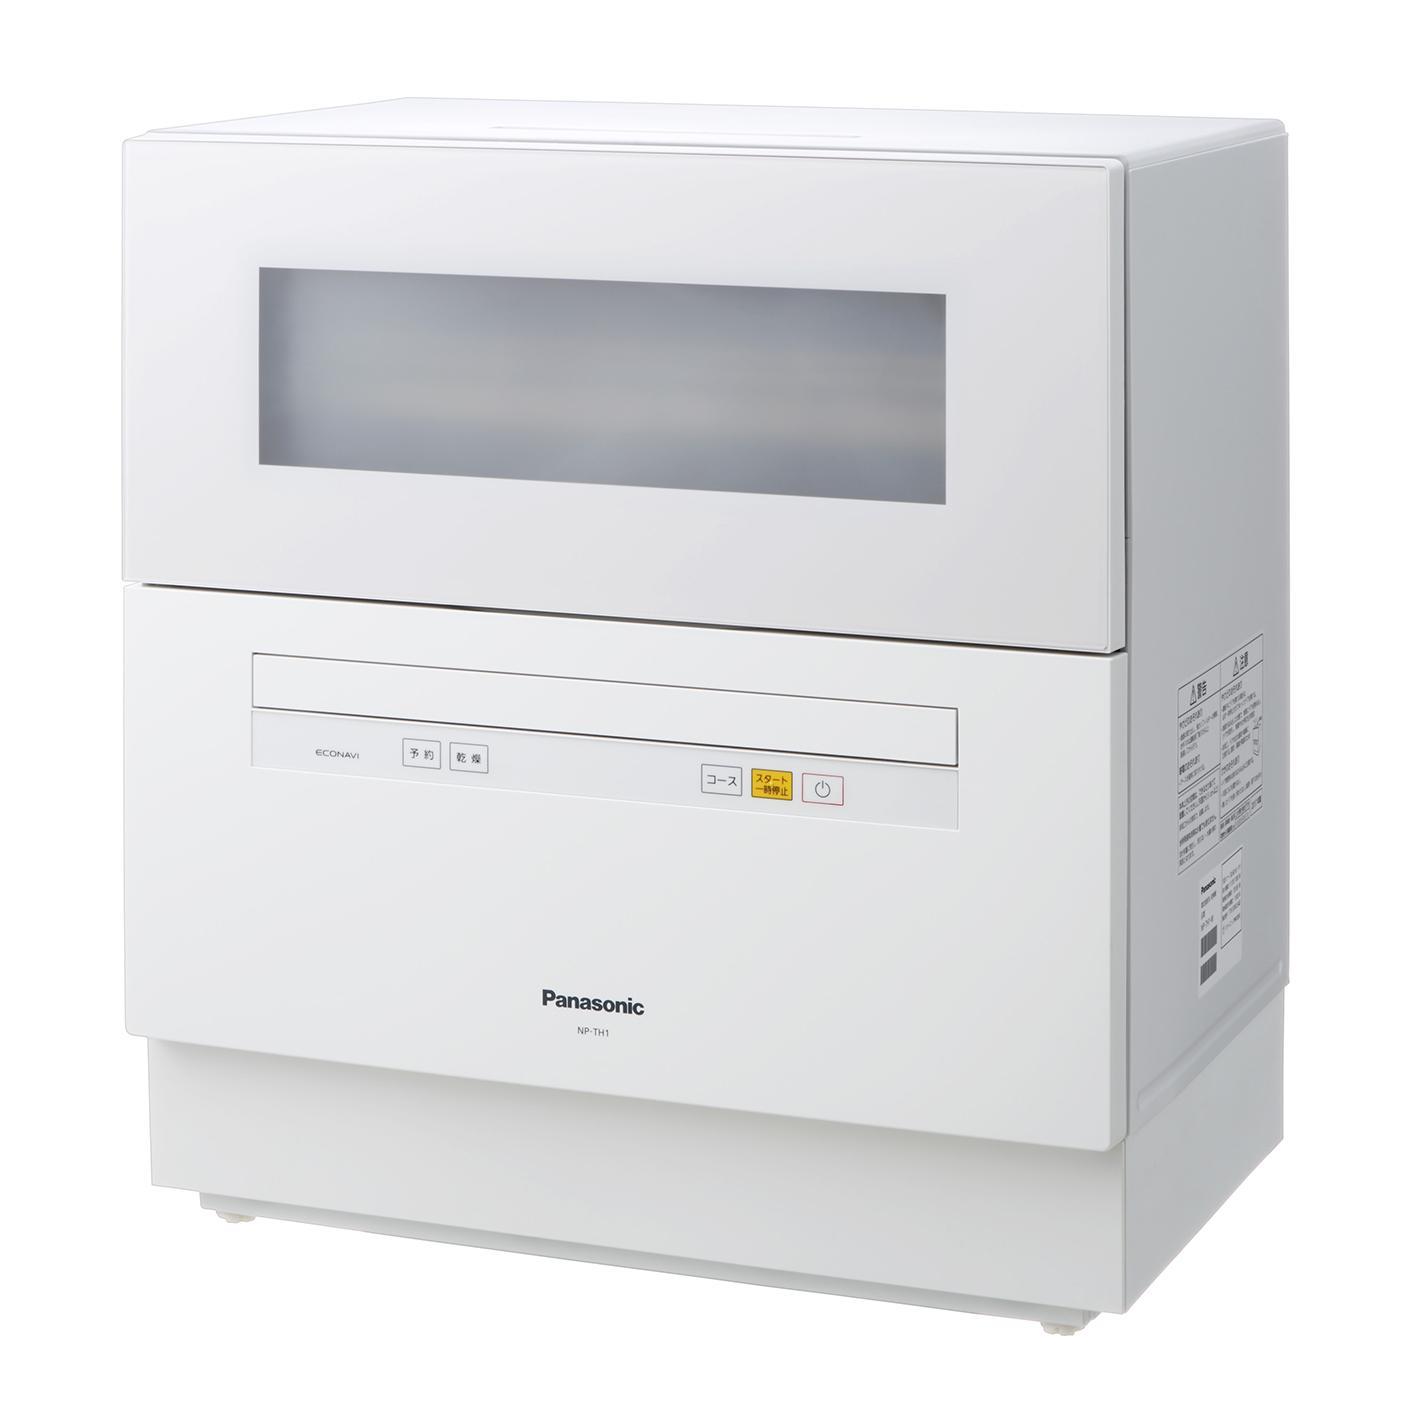 パナソニック・卓上型食器洗い乾燥機NP-TH1外観